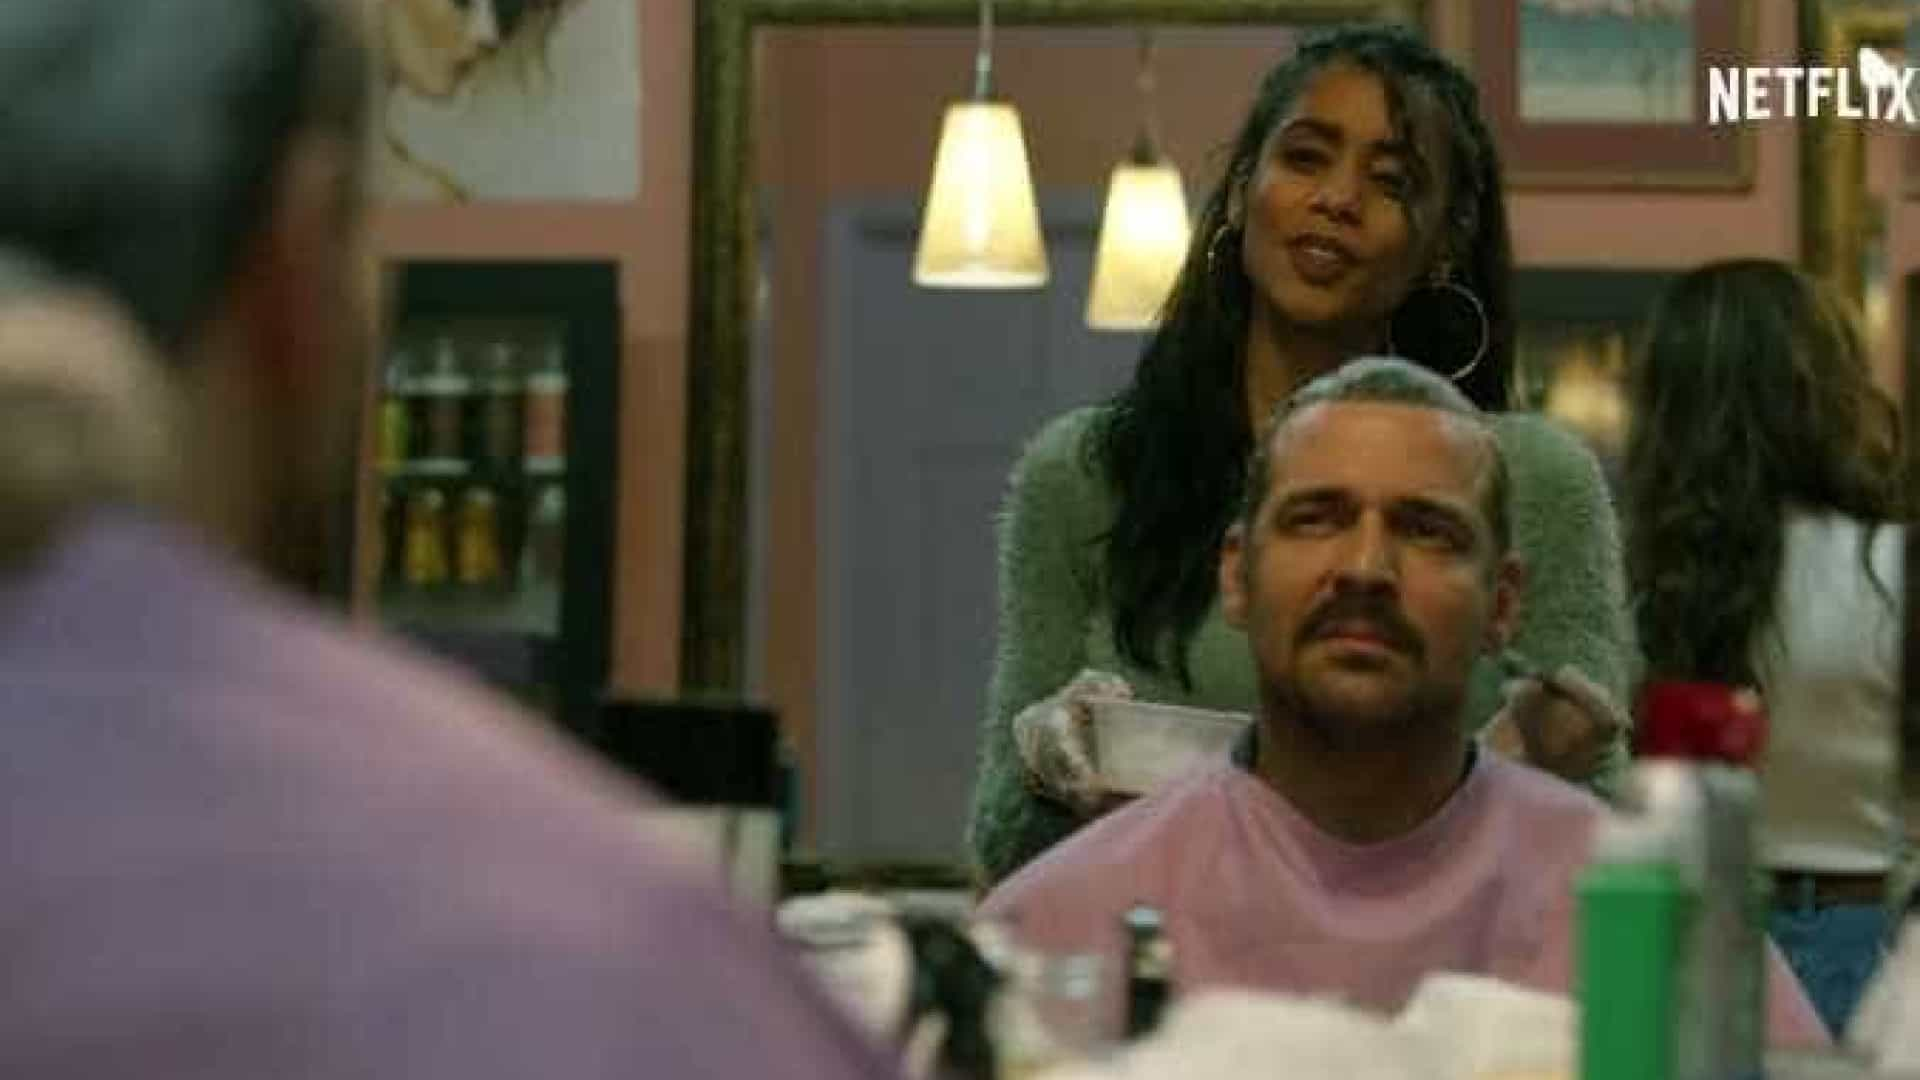 Netflix divulga trailer da terceira temporada de Narcos